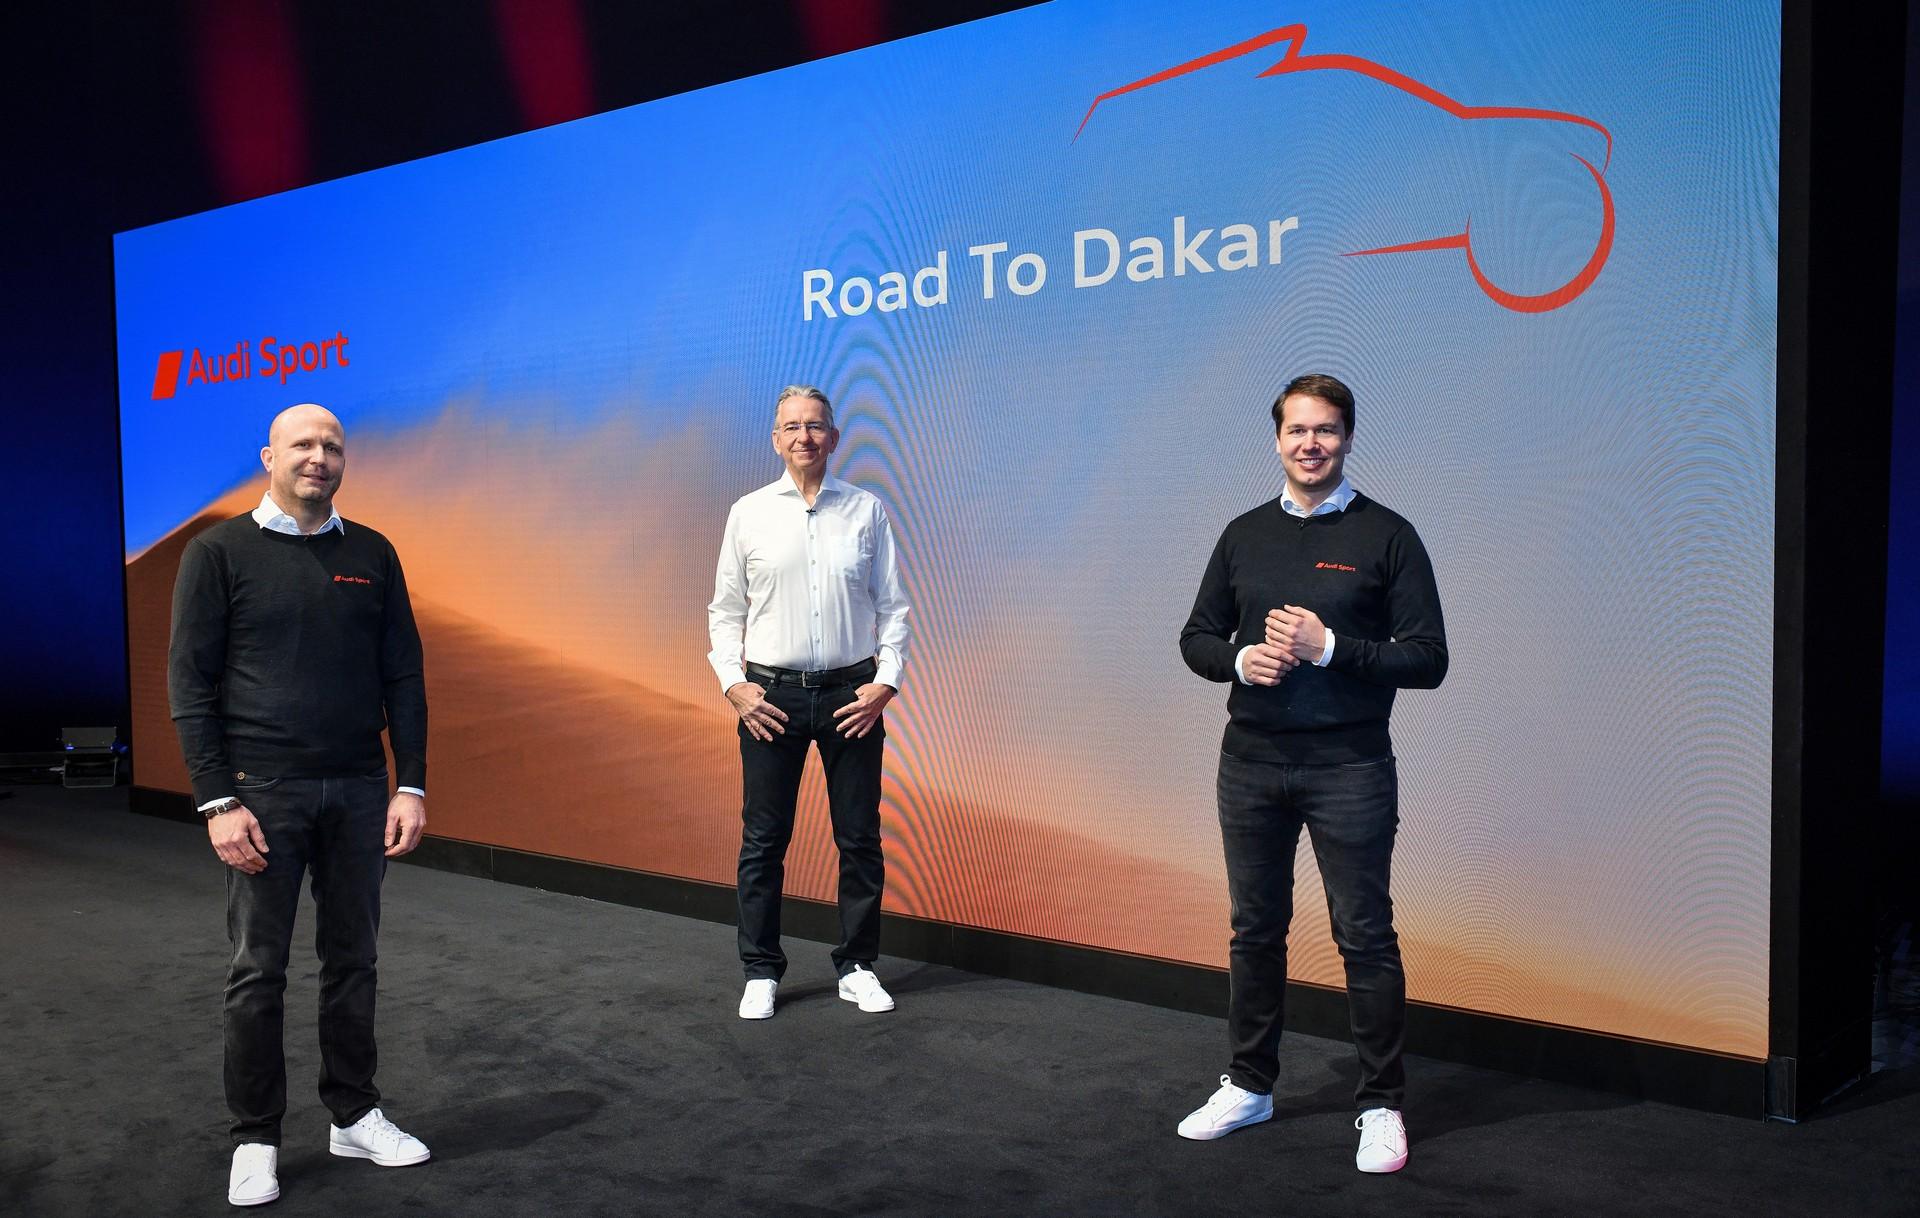 Audi Sport - Dakar